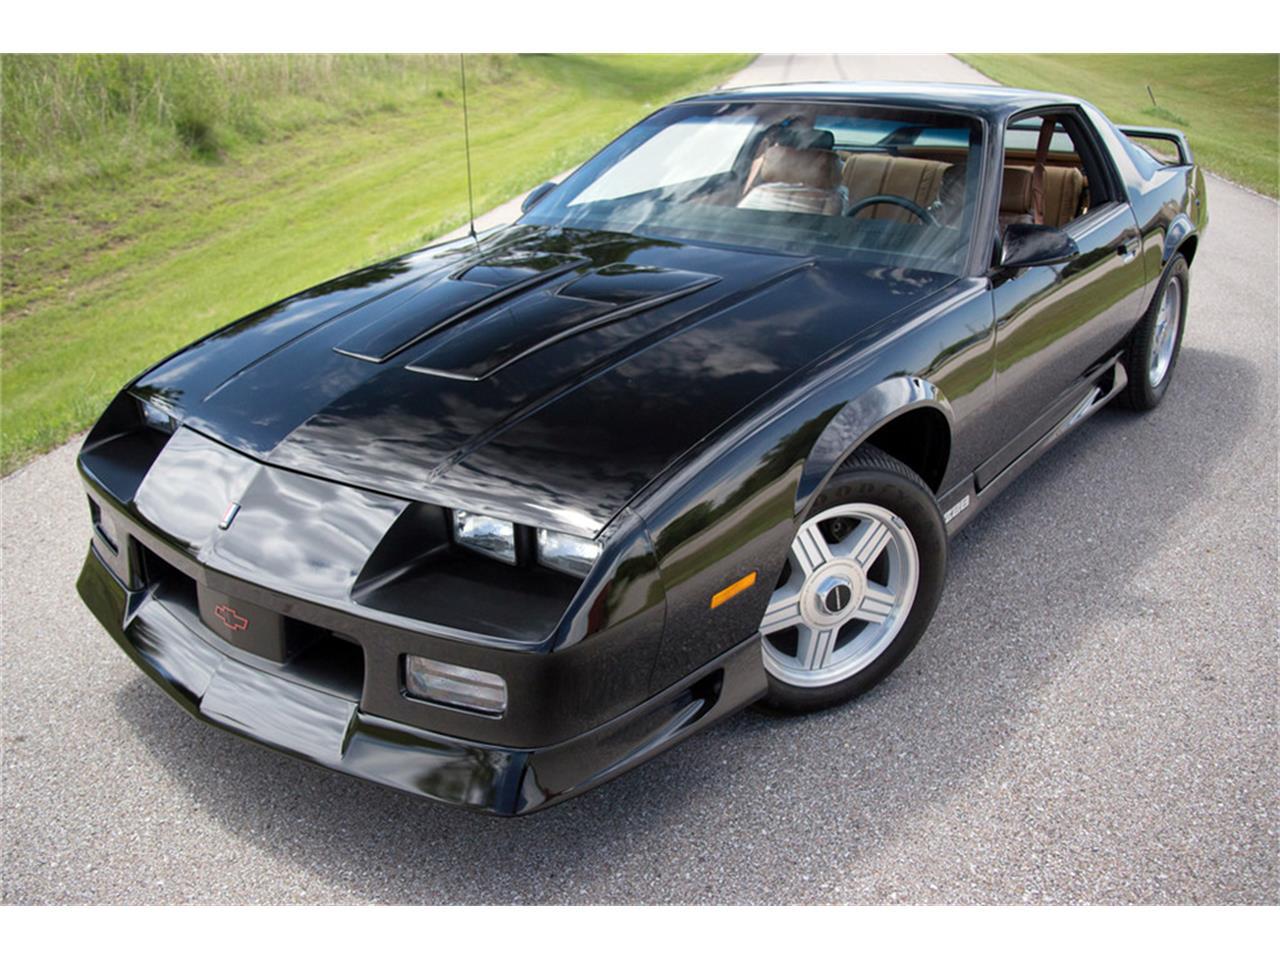 1991 chevrolet camaro z28 for sale classiccars com cc 1177589 1991 chevrolet camaro z28 for sale